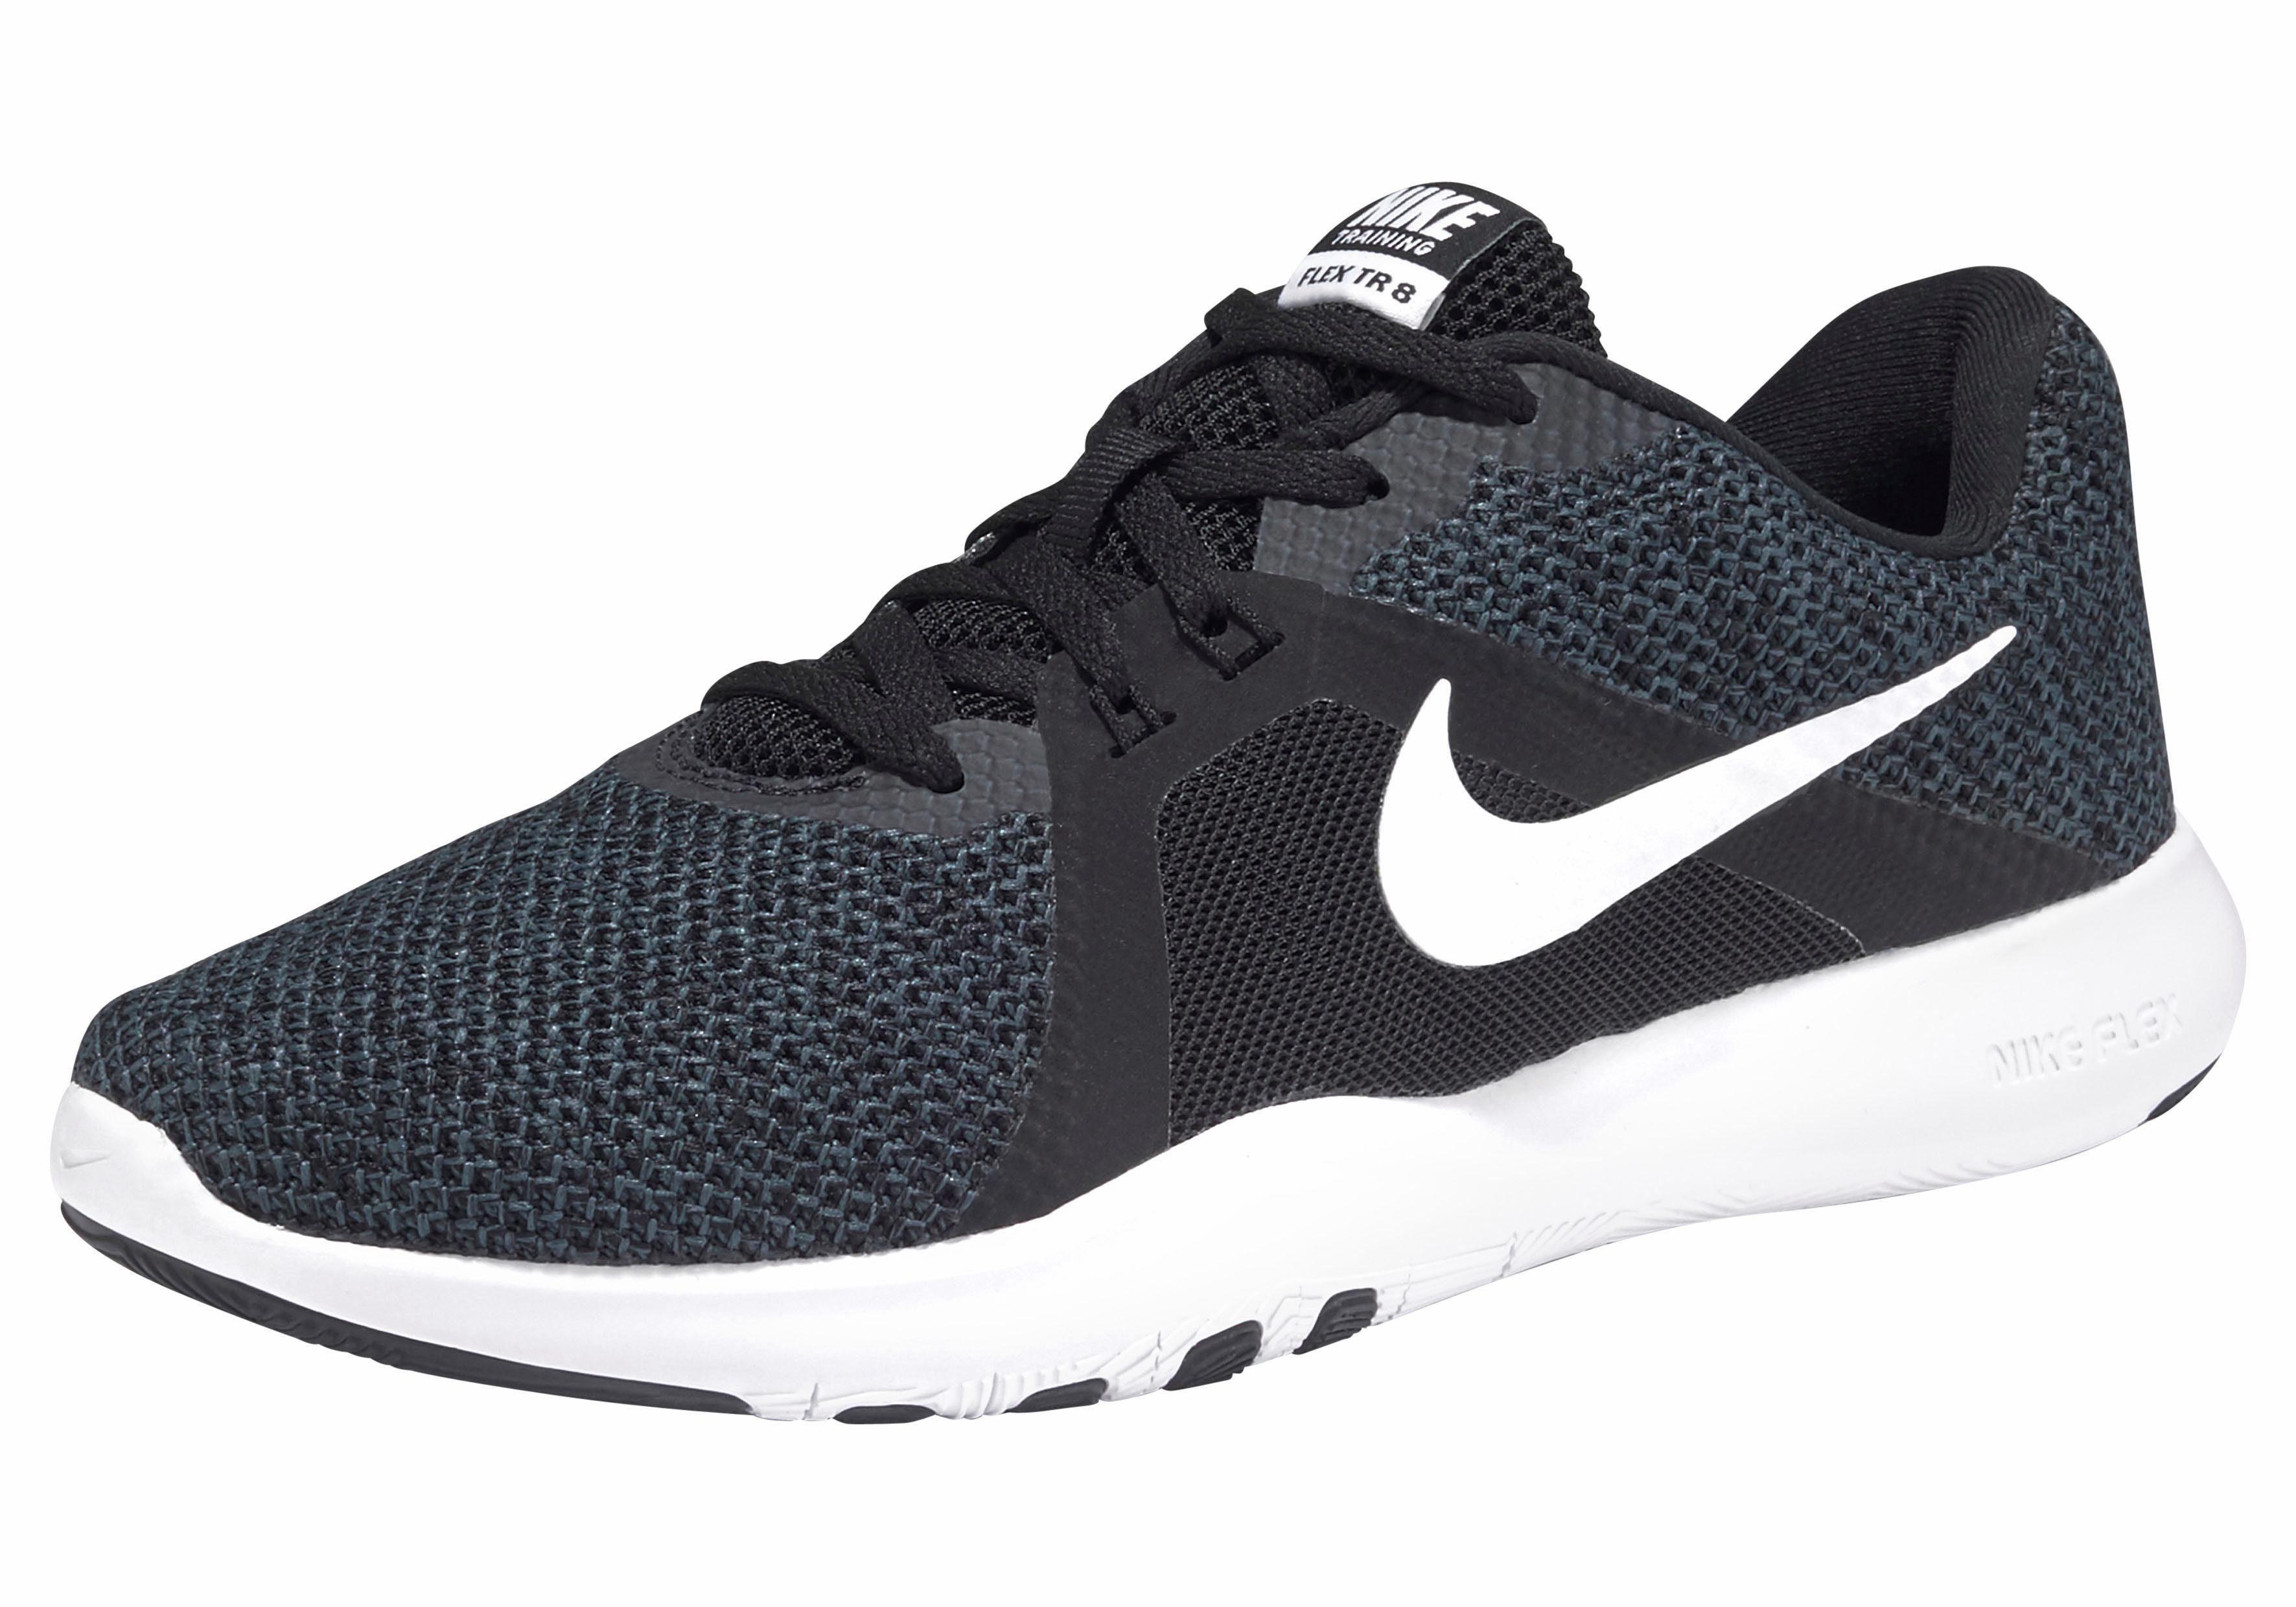 Nike »Wmns Flex Trainer 8« Fitnessschuh kaufen | OTTO